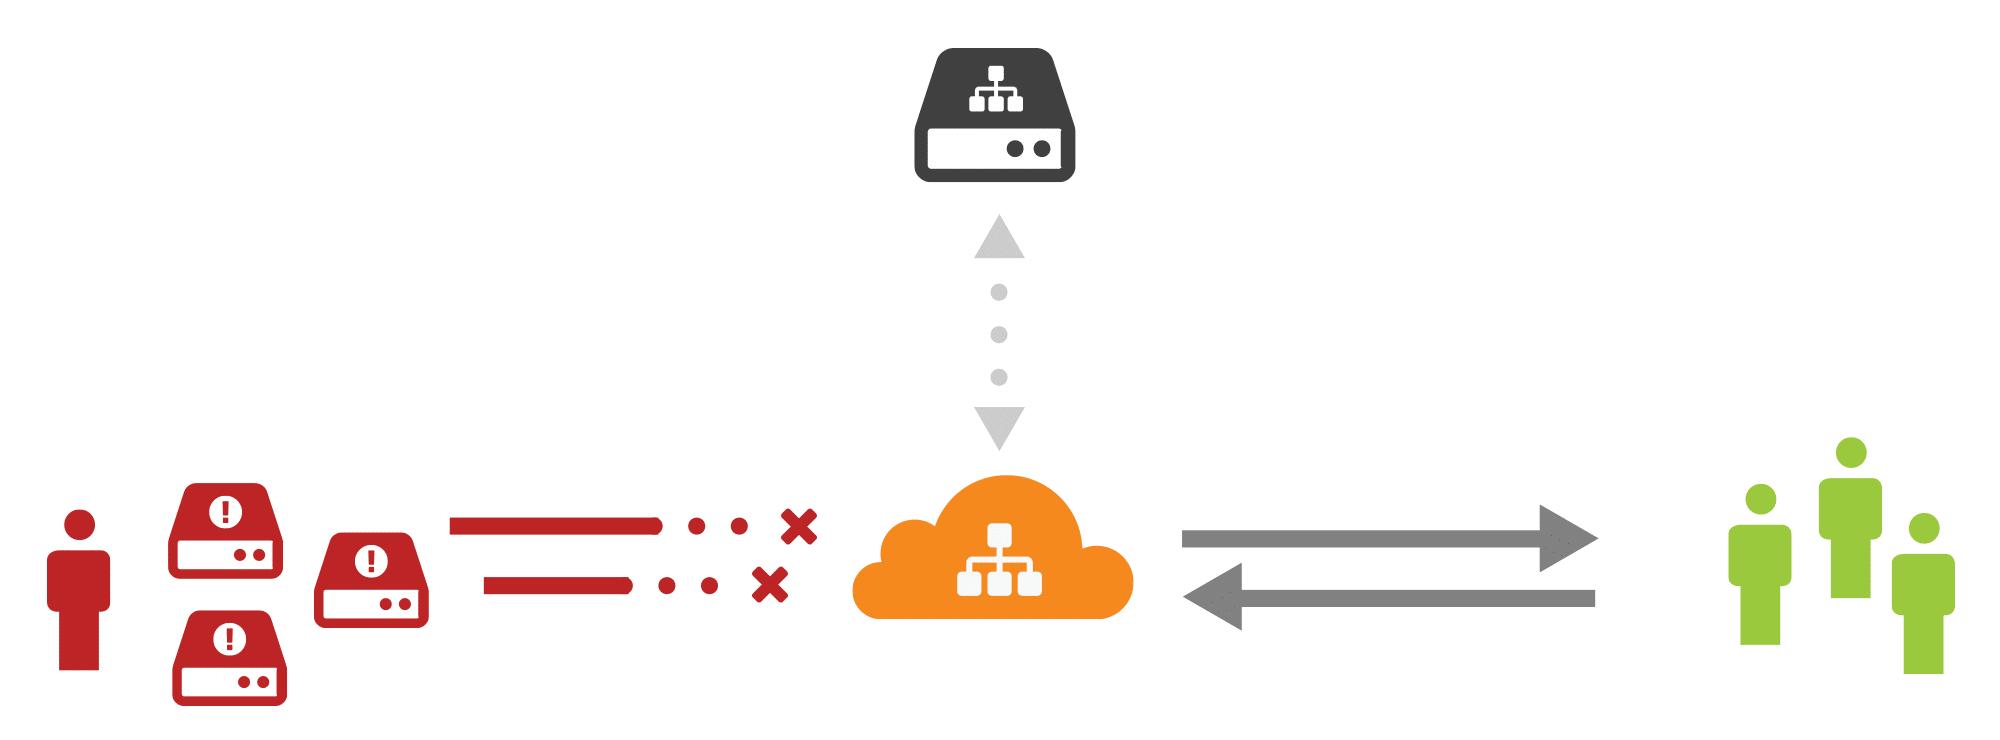 Serviço Safe DNS do Firefox Nightly entra em fase de testes